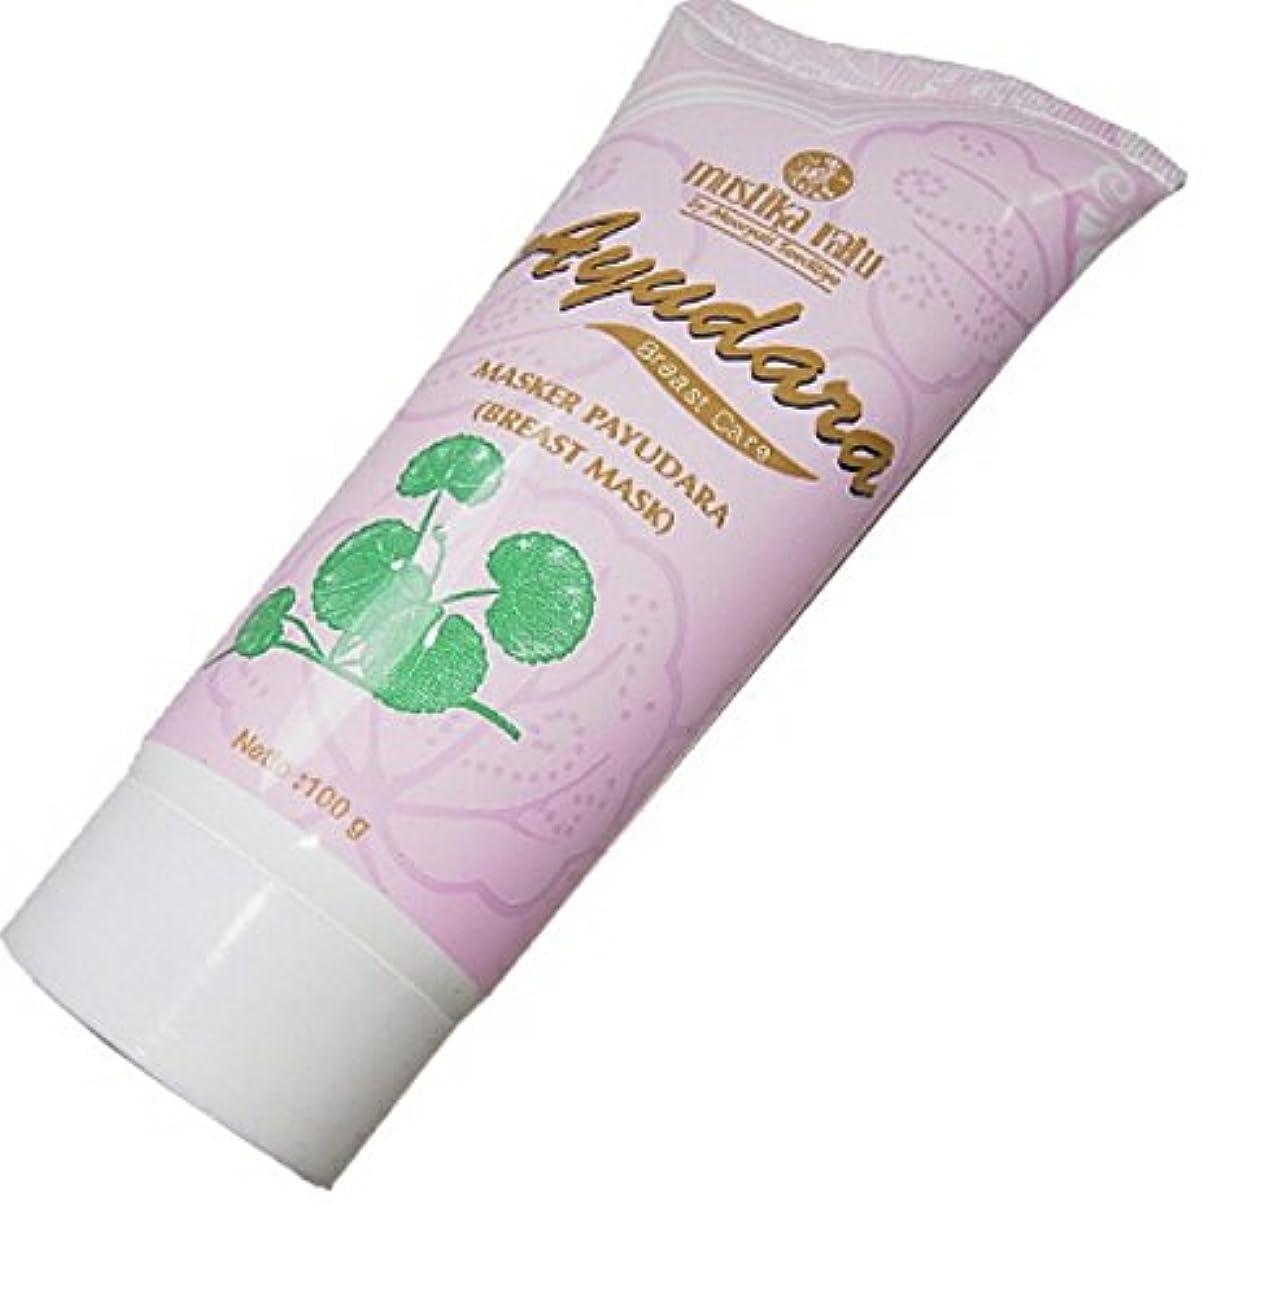 おばあさん敏感な偏差Mustika ratu Ayu Dara ムスティカラトゥayudara乳房マスクオーガニック100grは美しい、より高密度の美乳になり